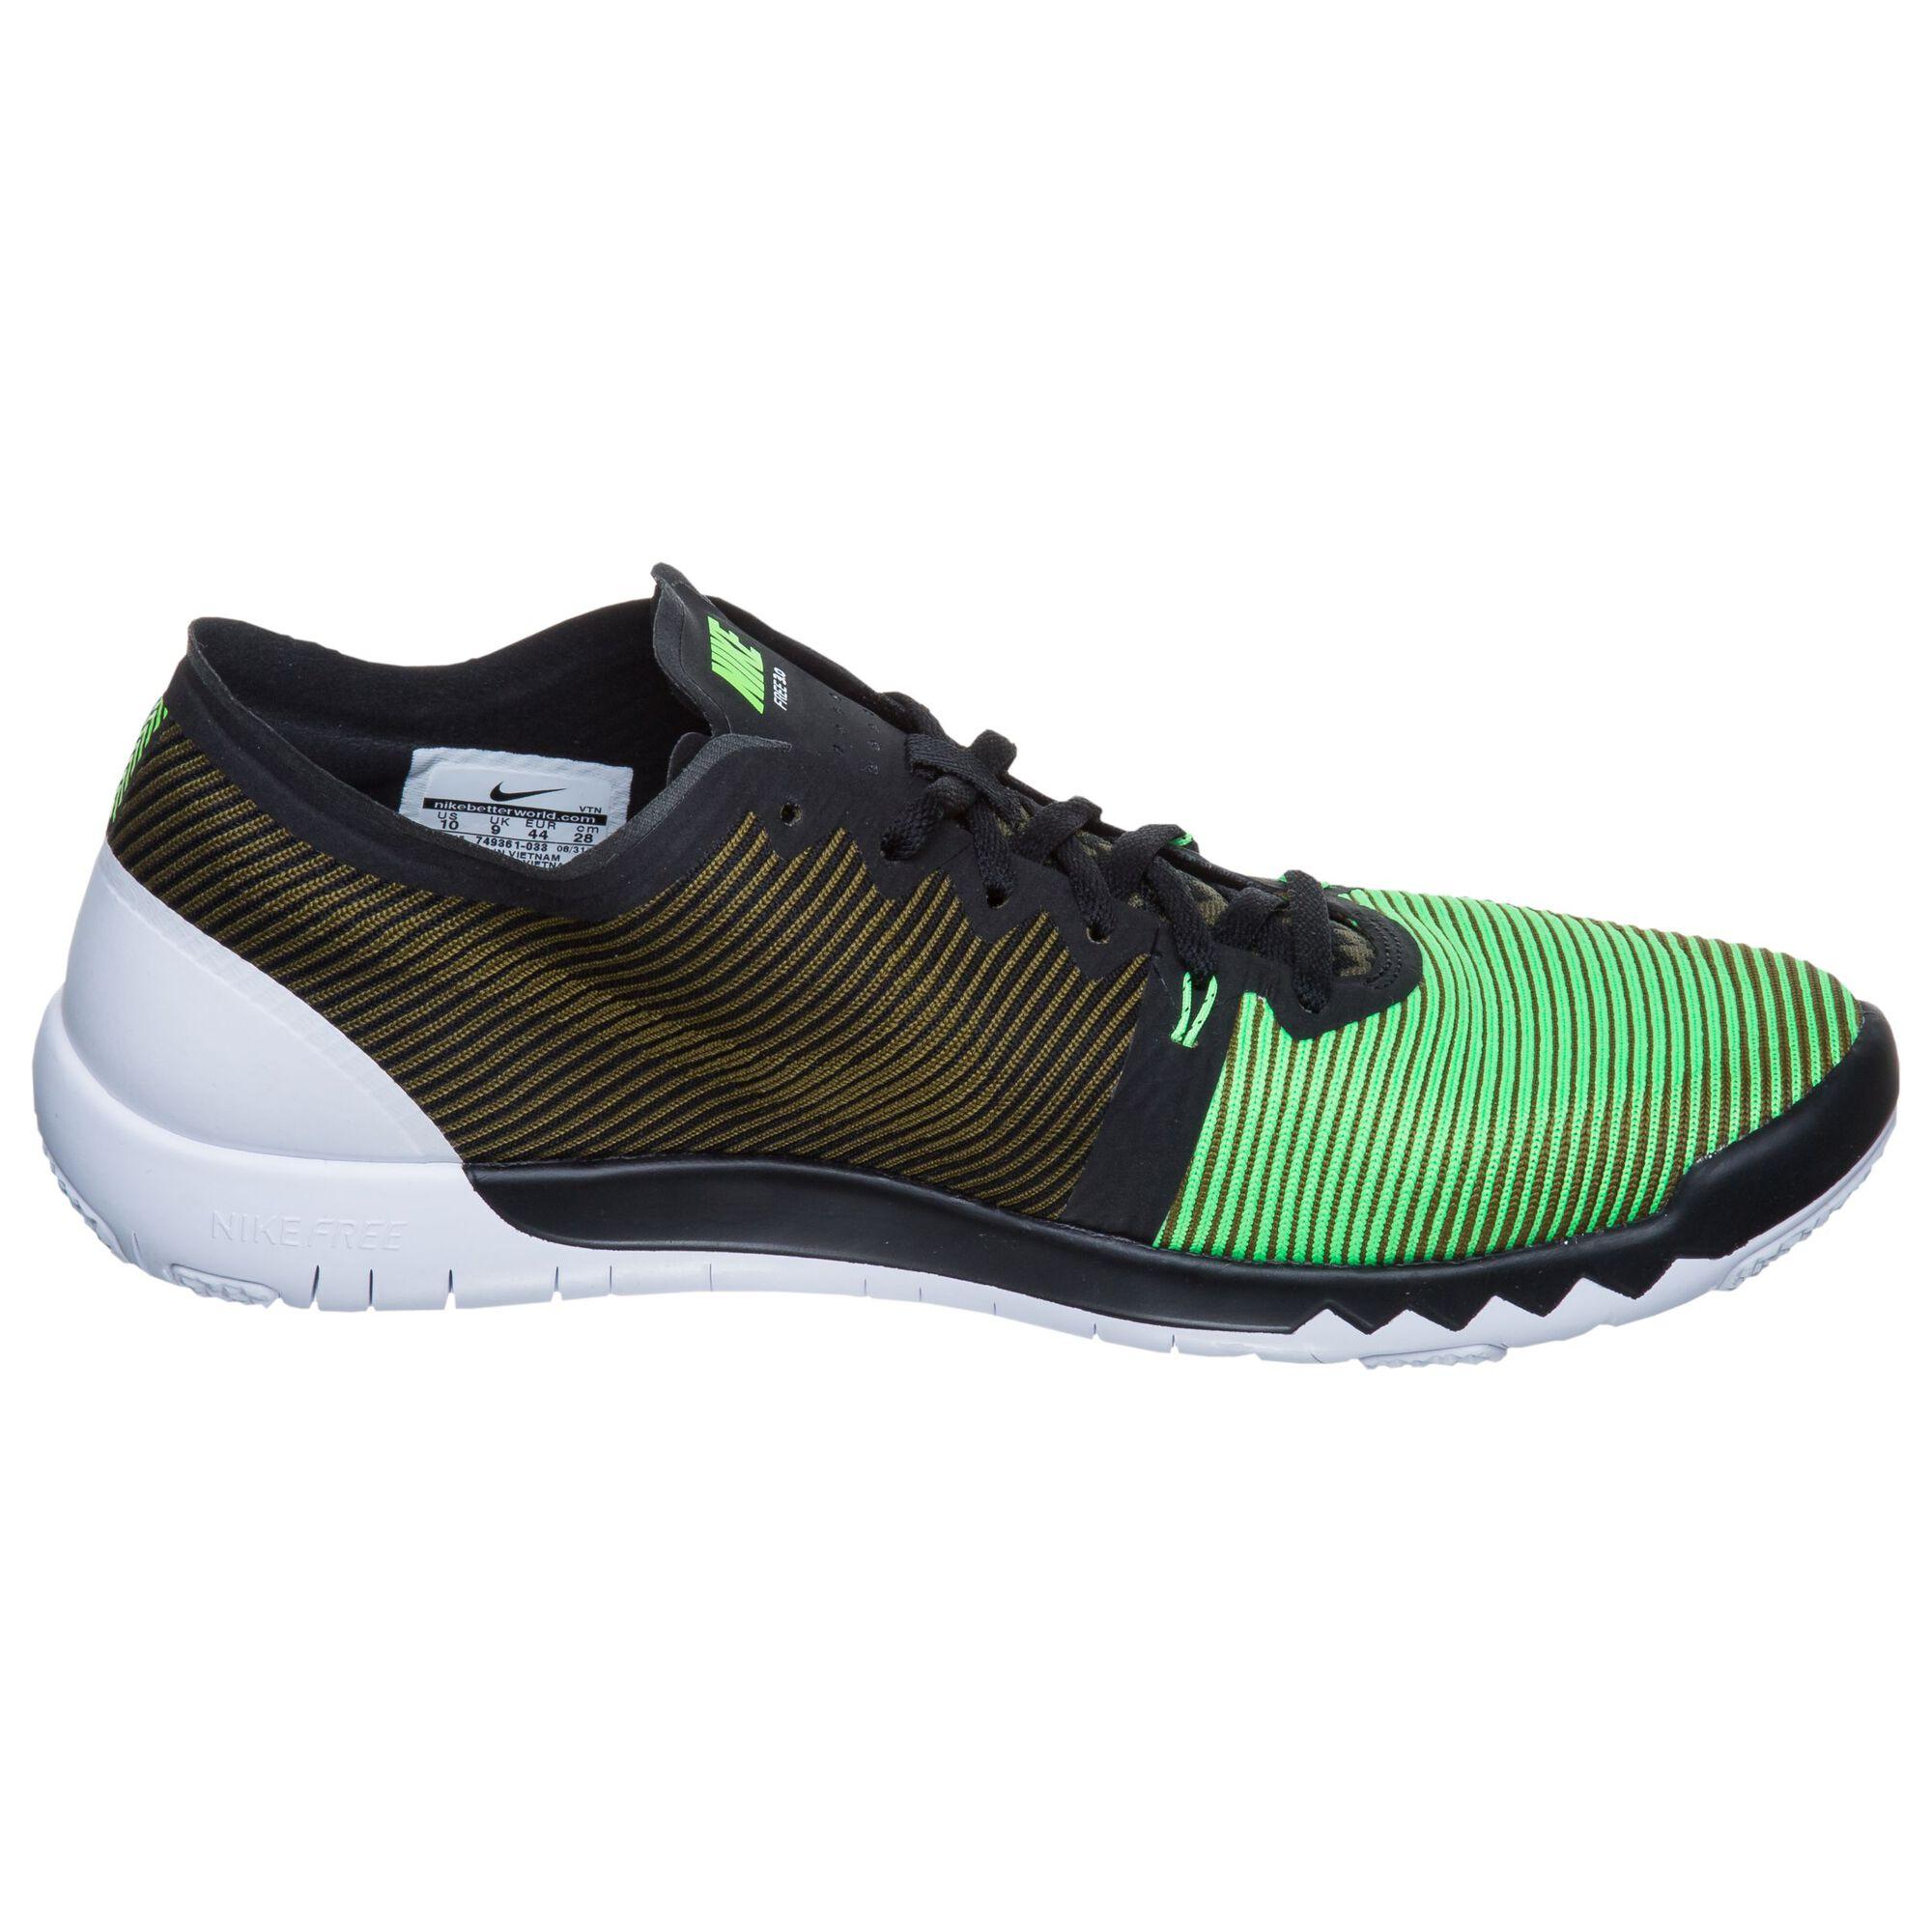 newest collection 7b02b 0db9a Nike · Nike · Nike · Nike · Nike · Nike · Nike · Nike. Free Trainer 3.0 ...